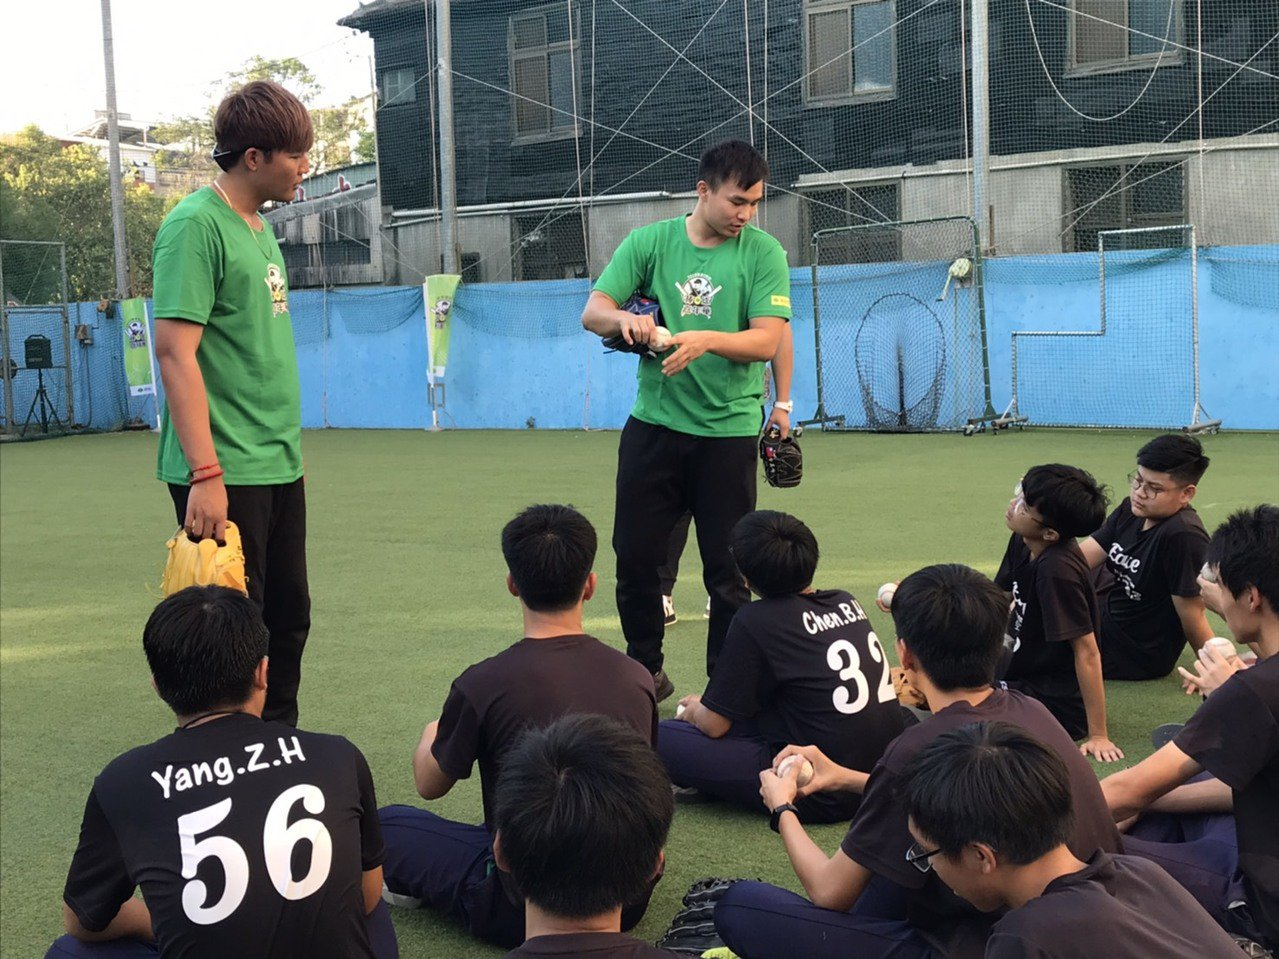 王維中(左)、曾仁和參與國泰棒球嘉年華活動,指導年輕球員投球。圖/國泰金控提供